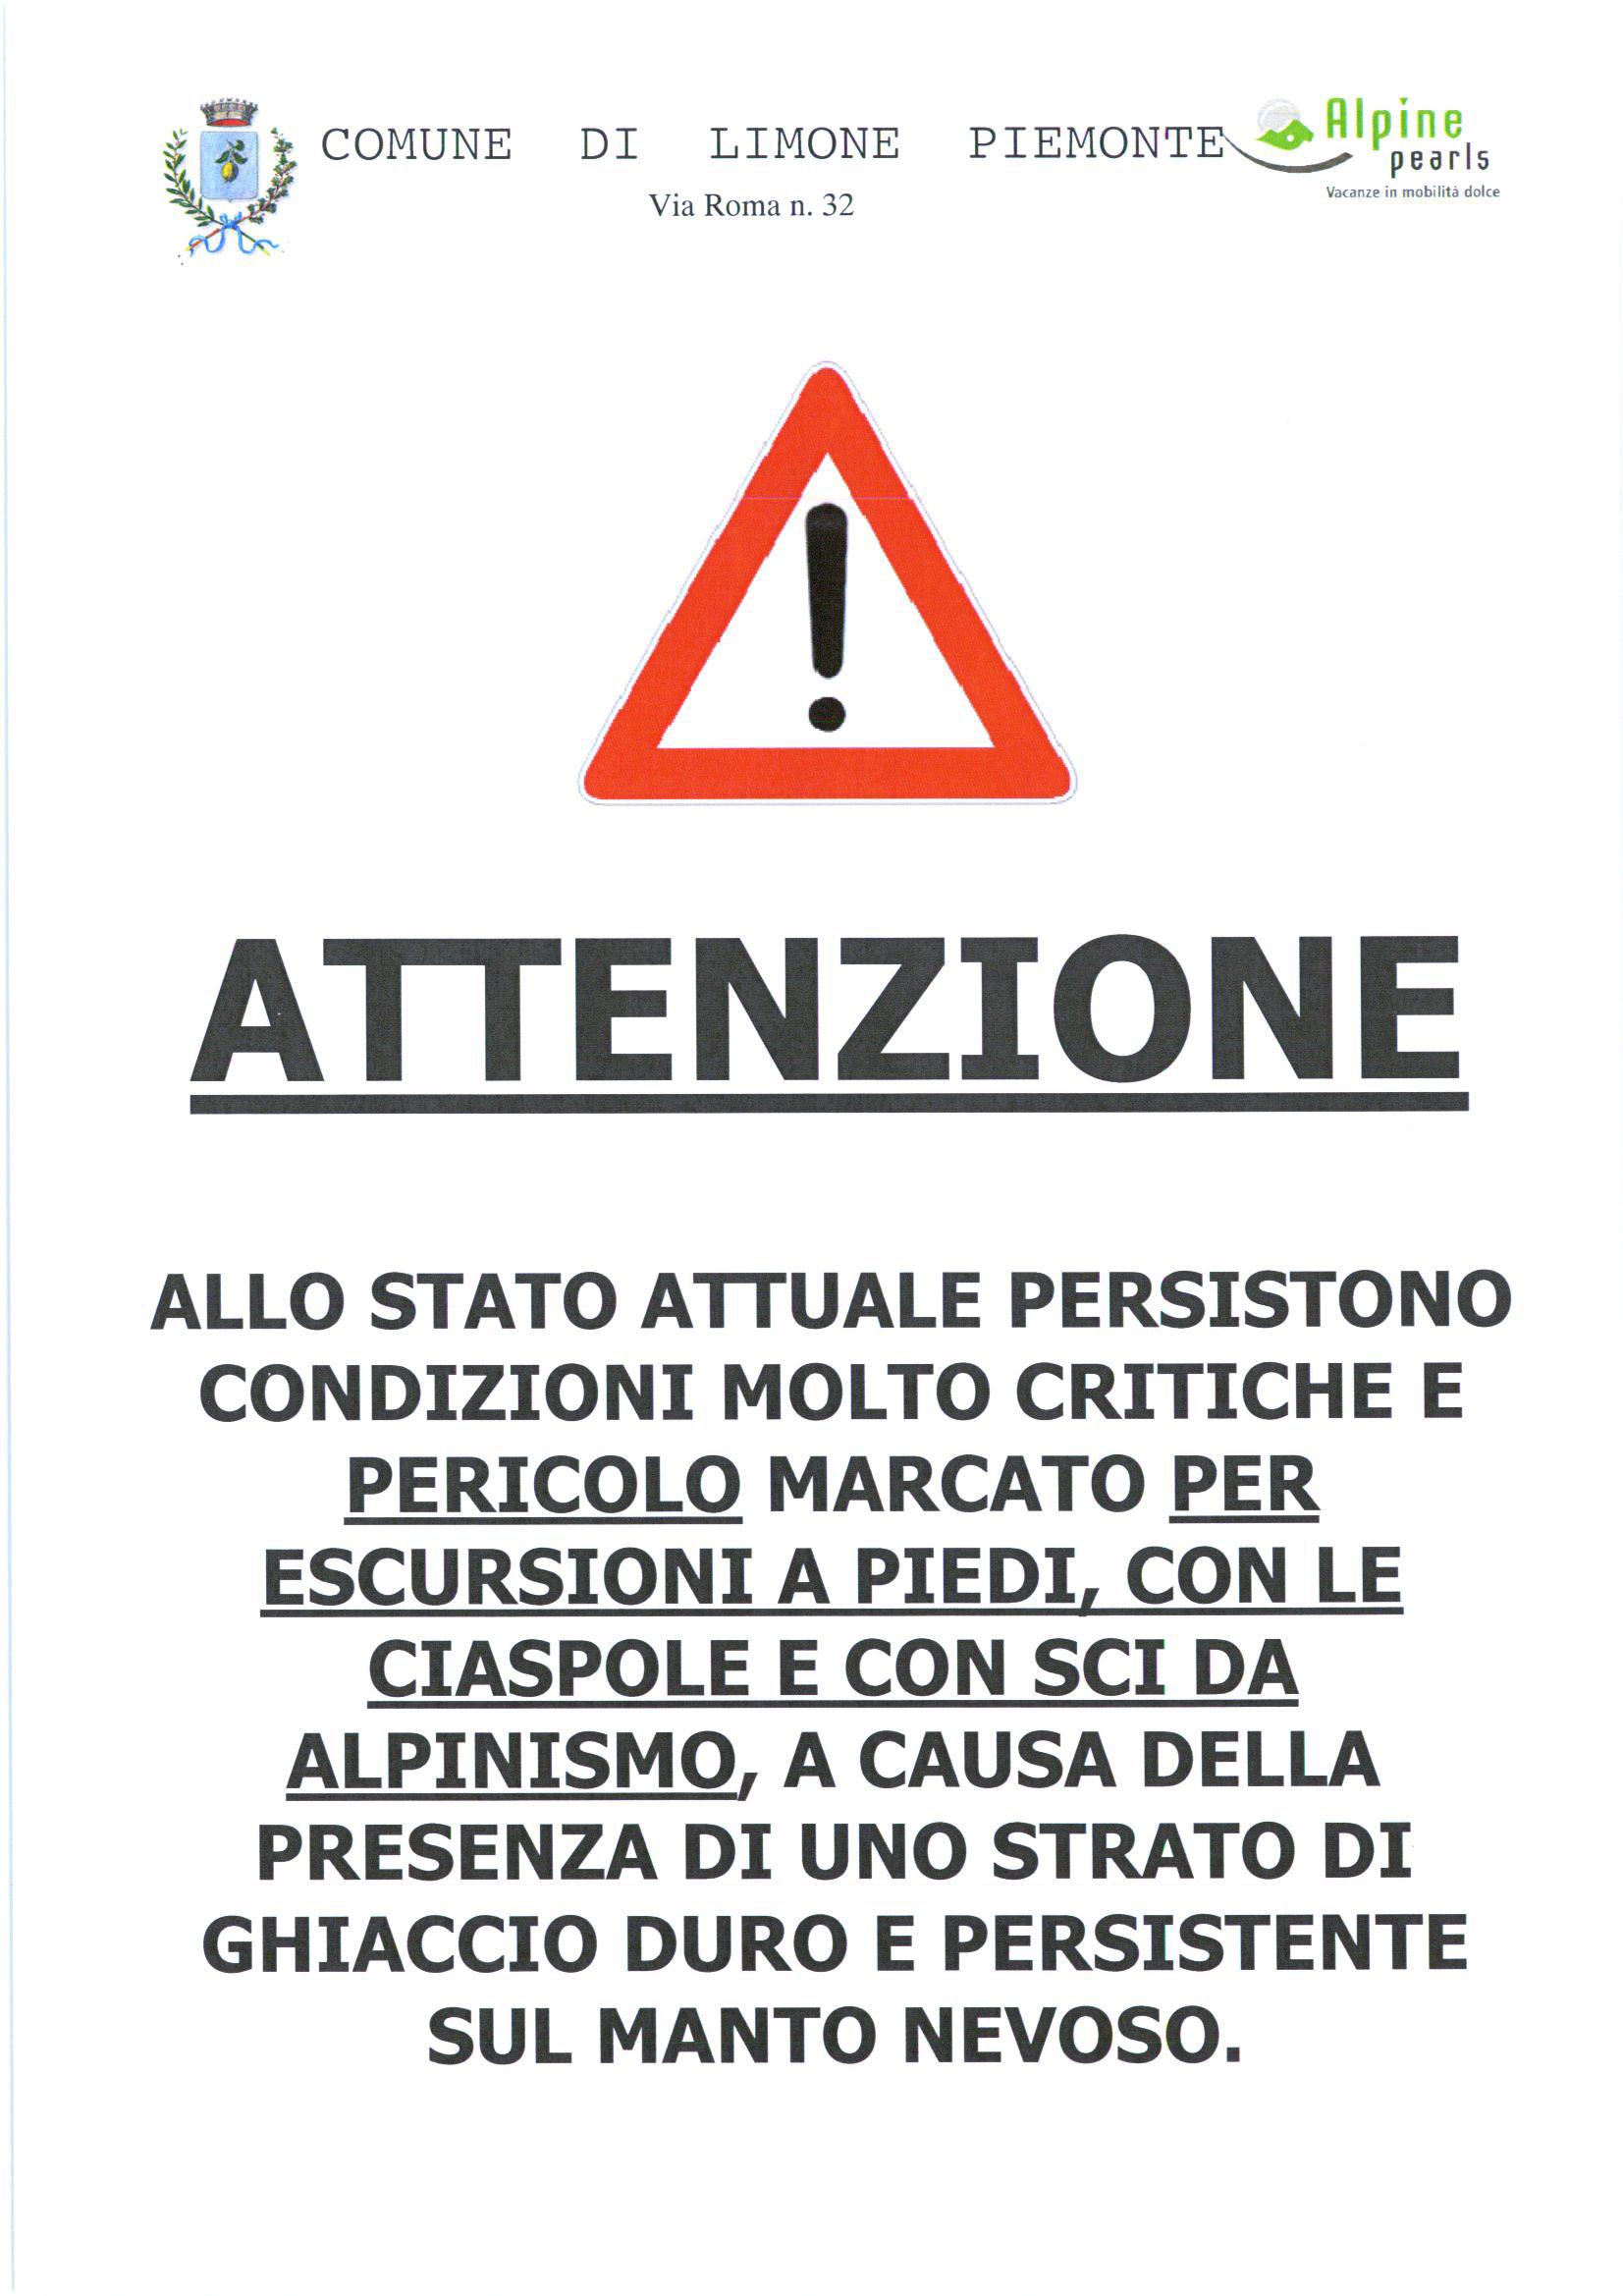 L'amministrazione comunale di Limone invita gli escursionisti alla prudenza